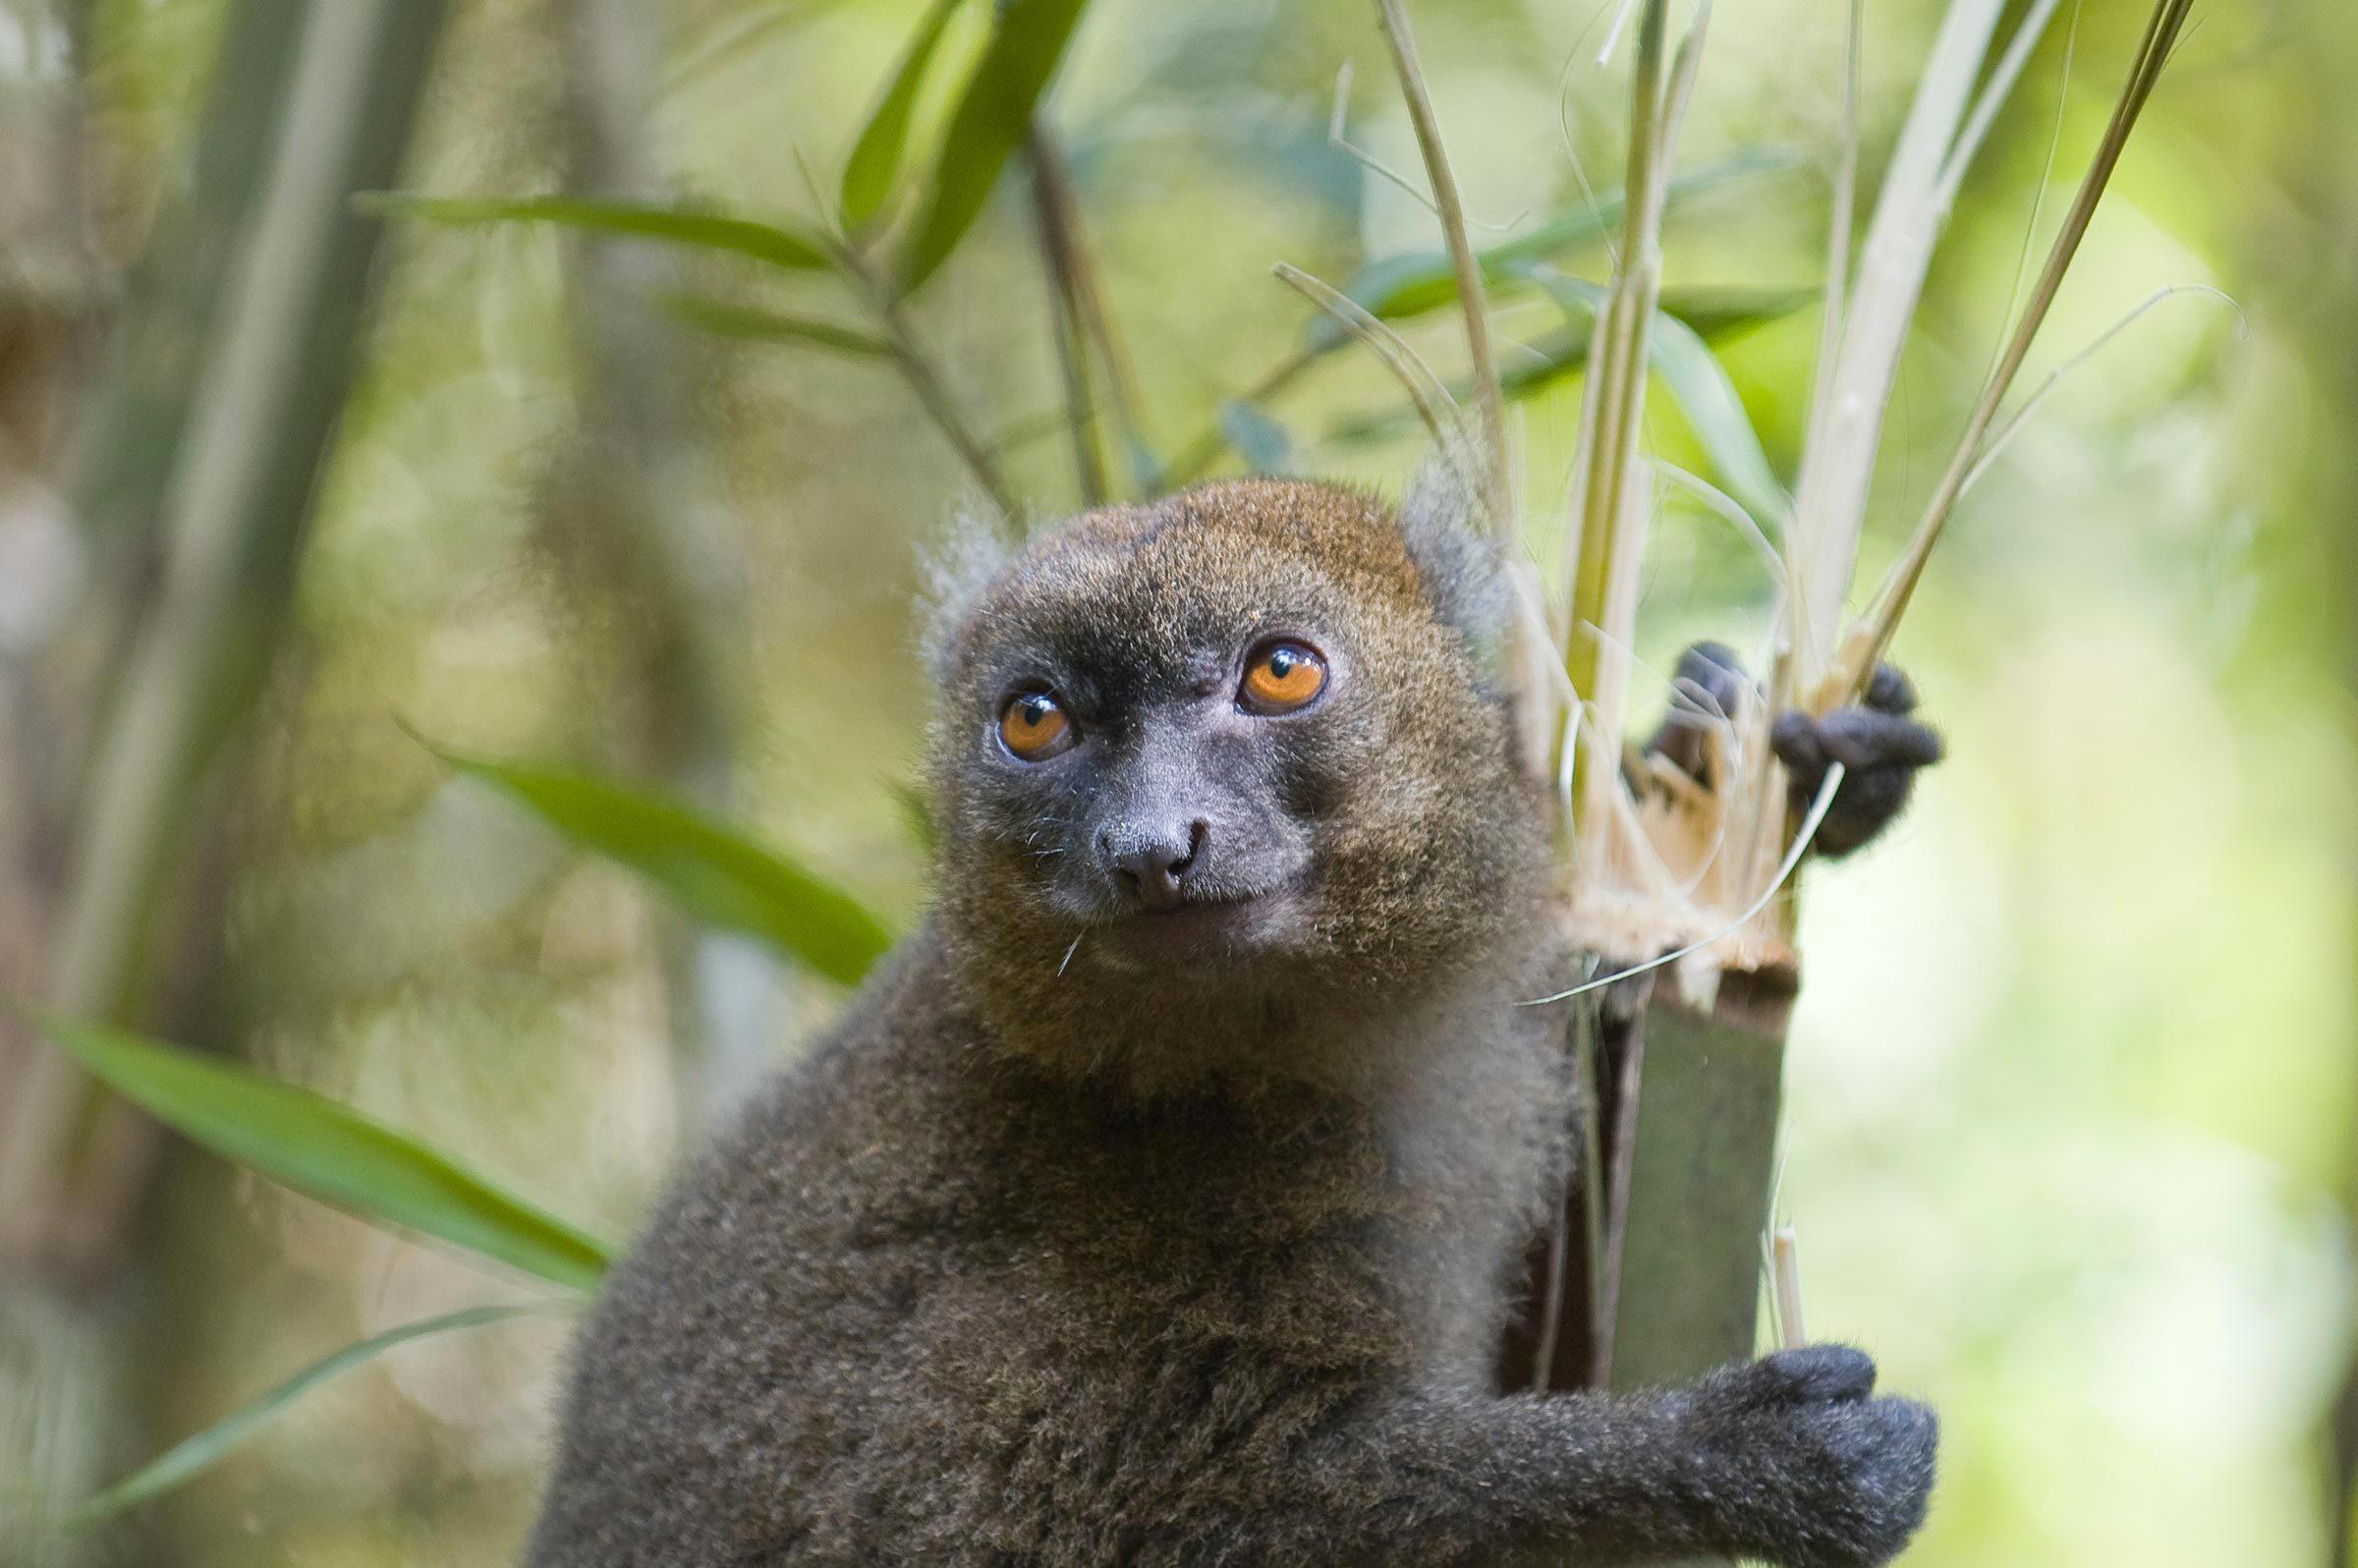 Espèces menacées : grand hapalémur (Hapalemur simus)